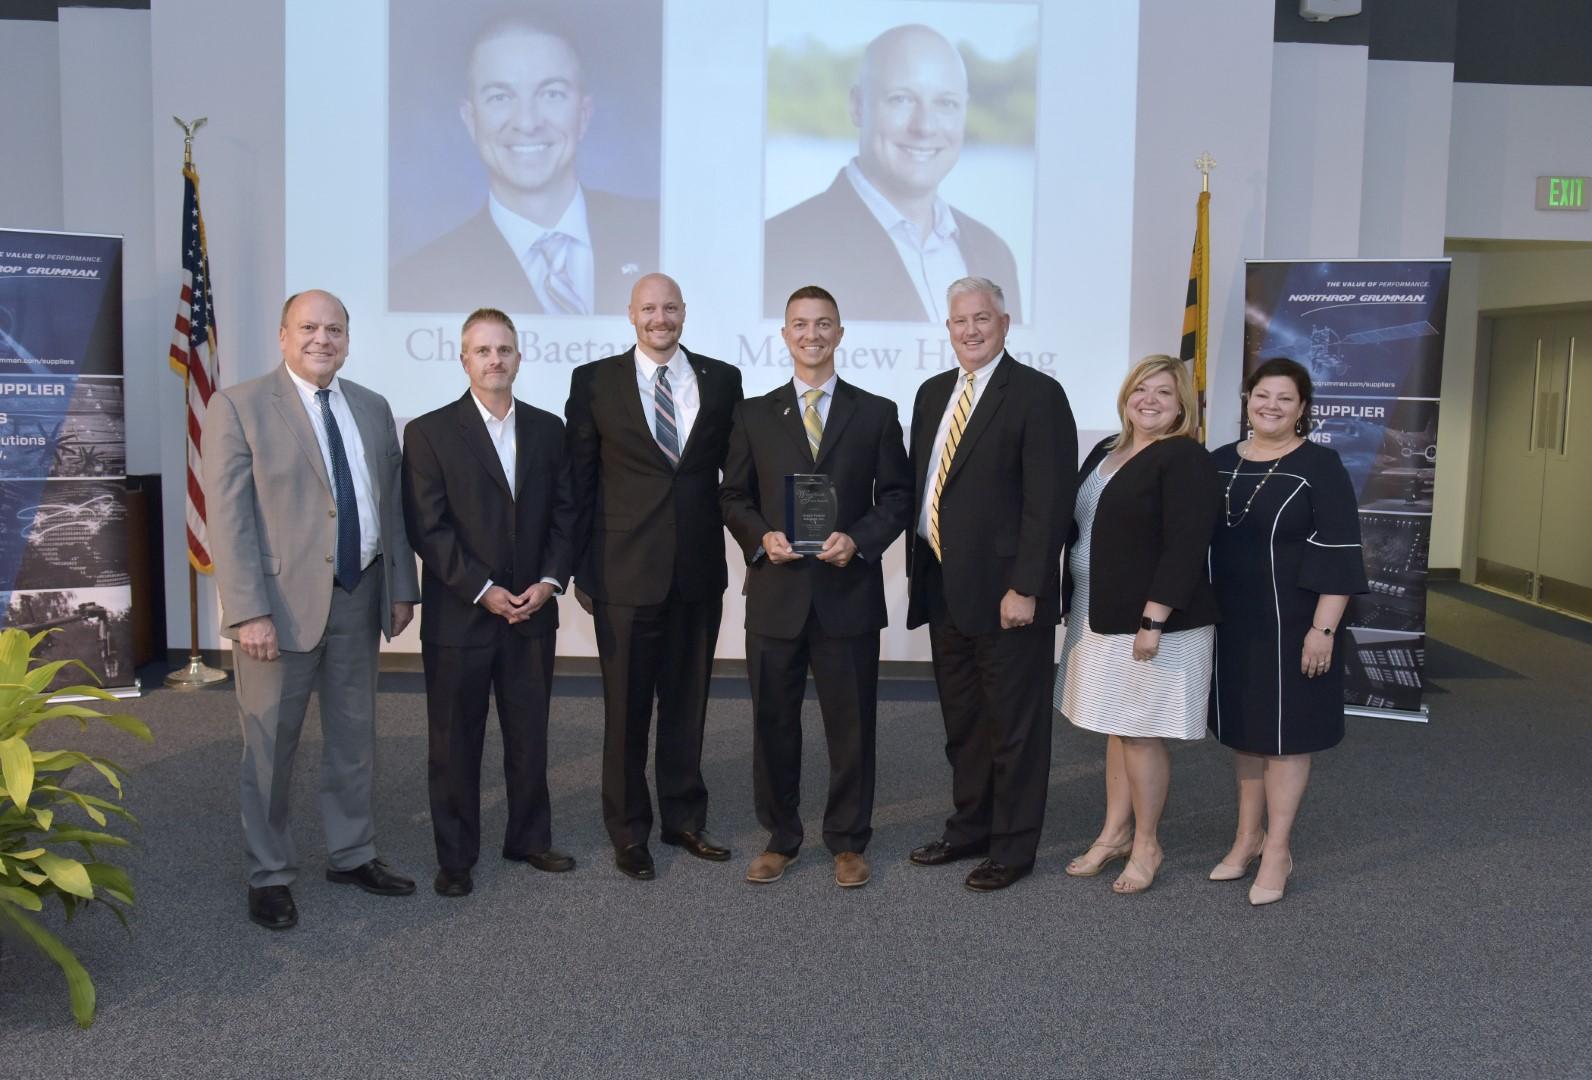 Northrop Grumman 2019 World Class Team Supplier Award